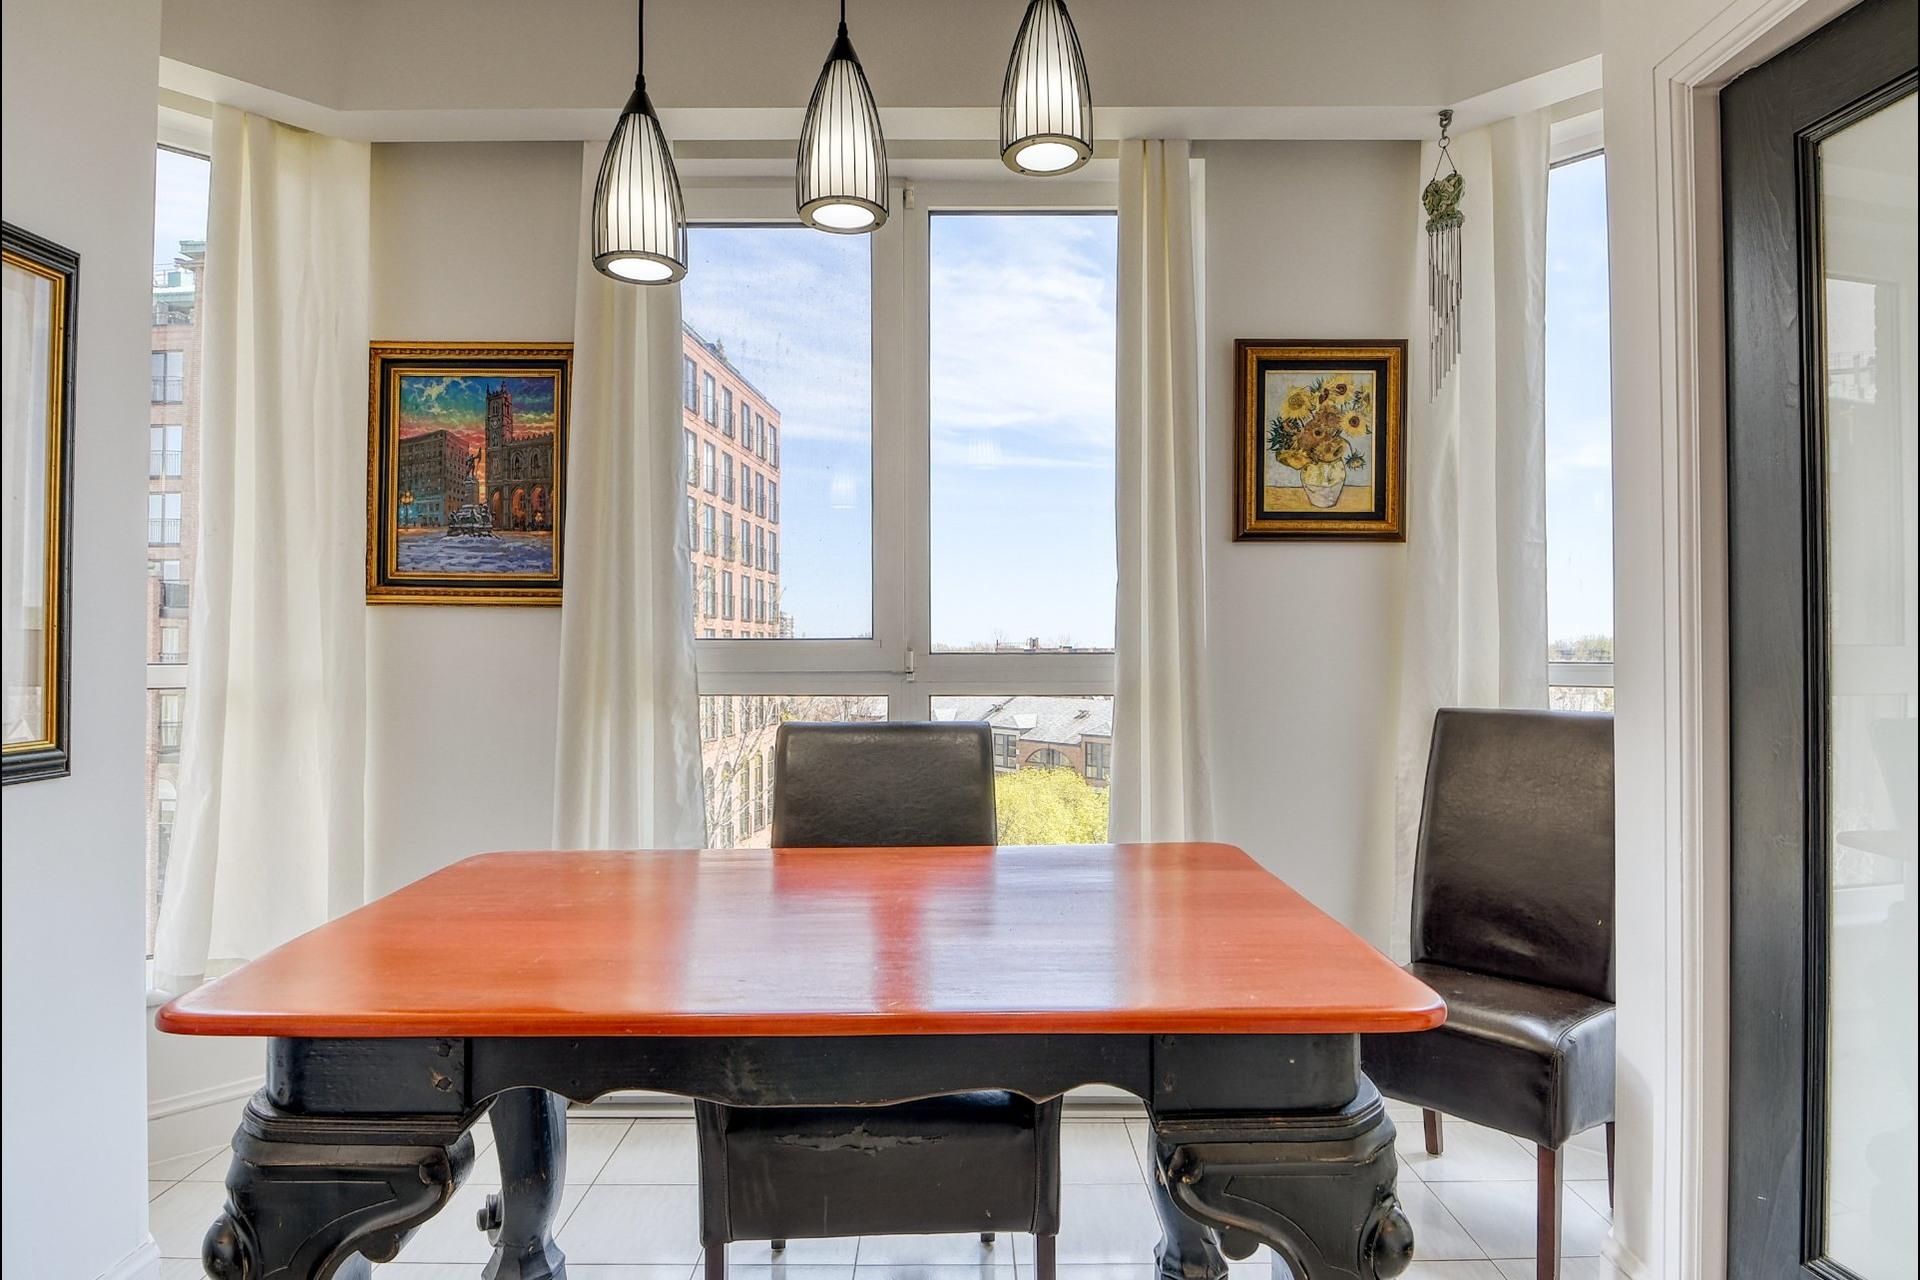 image 10 - Appartement À vendre Verdun/Île-des-Soeurs Montréal  - 6 pièces